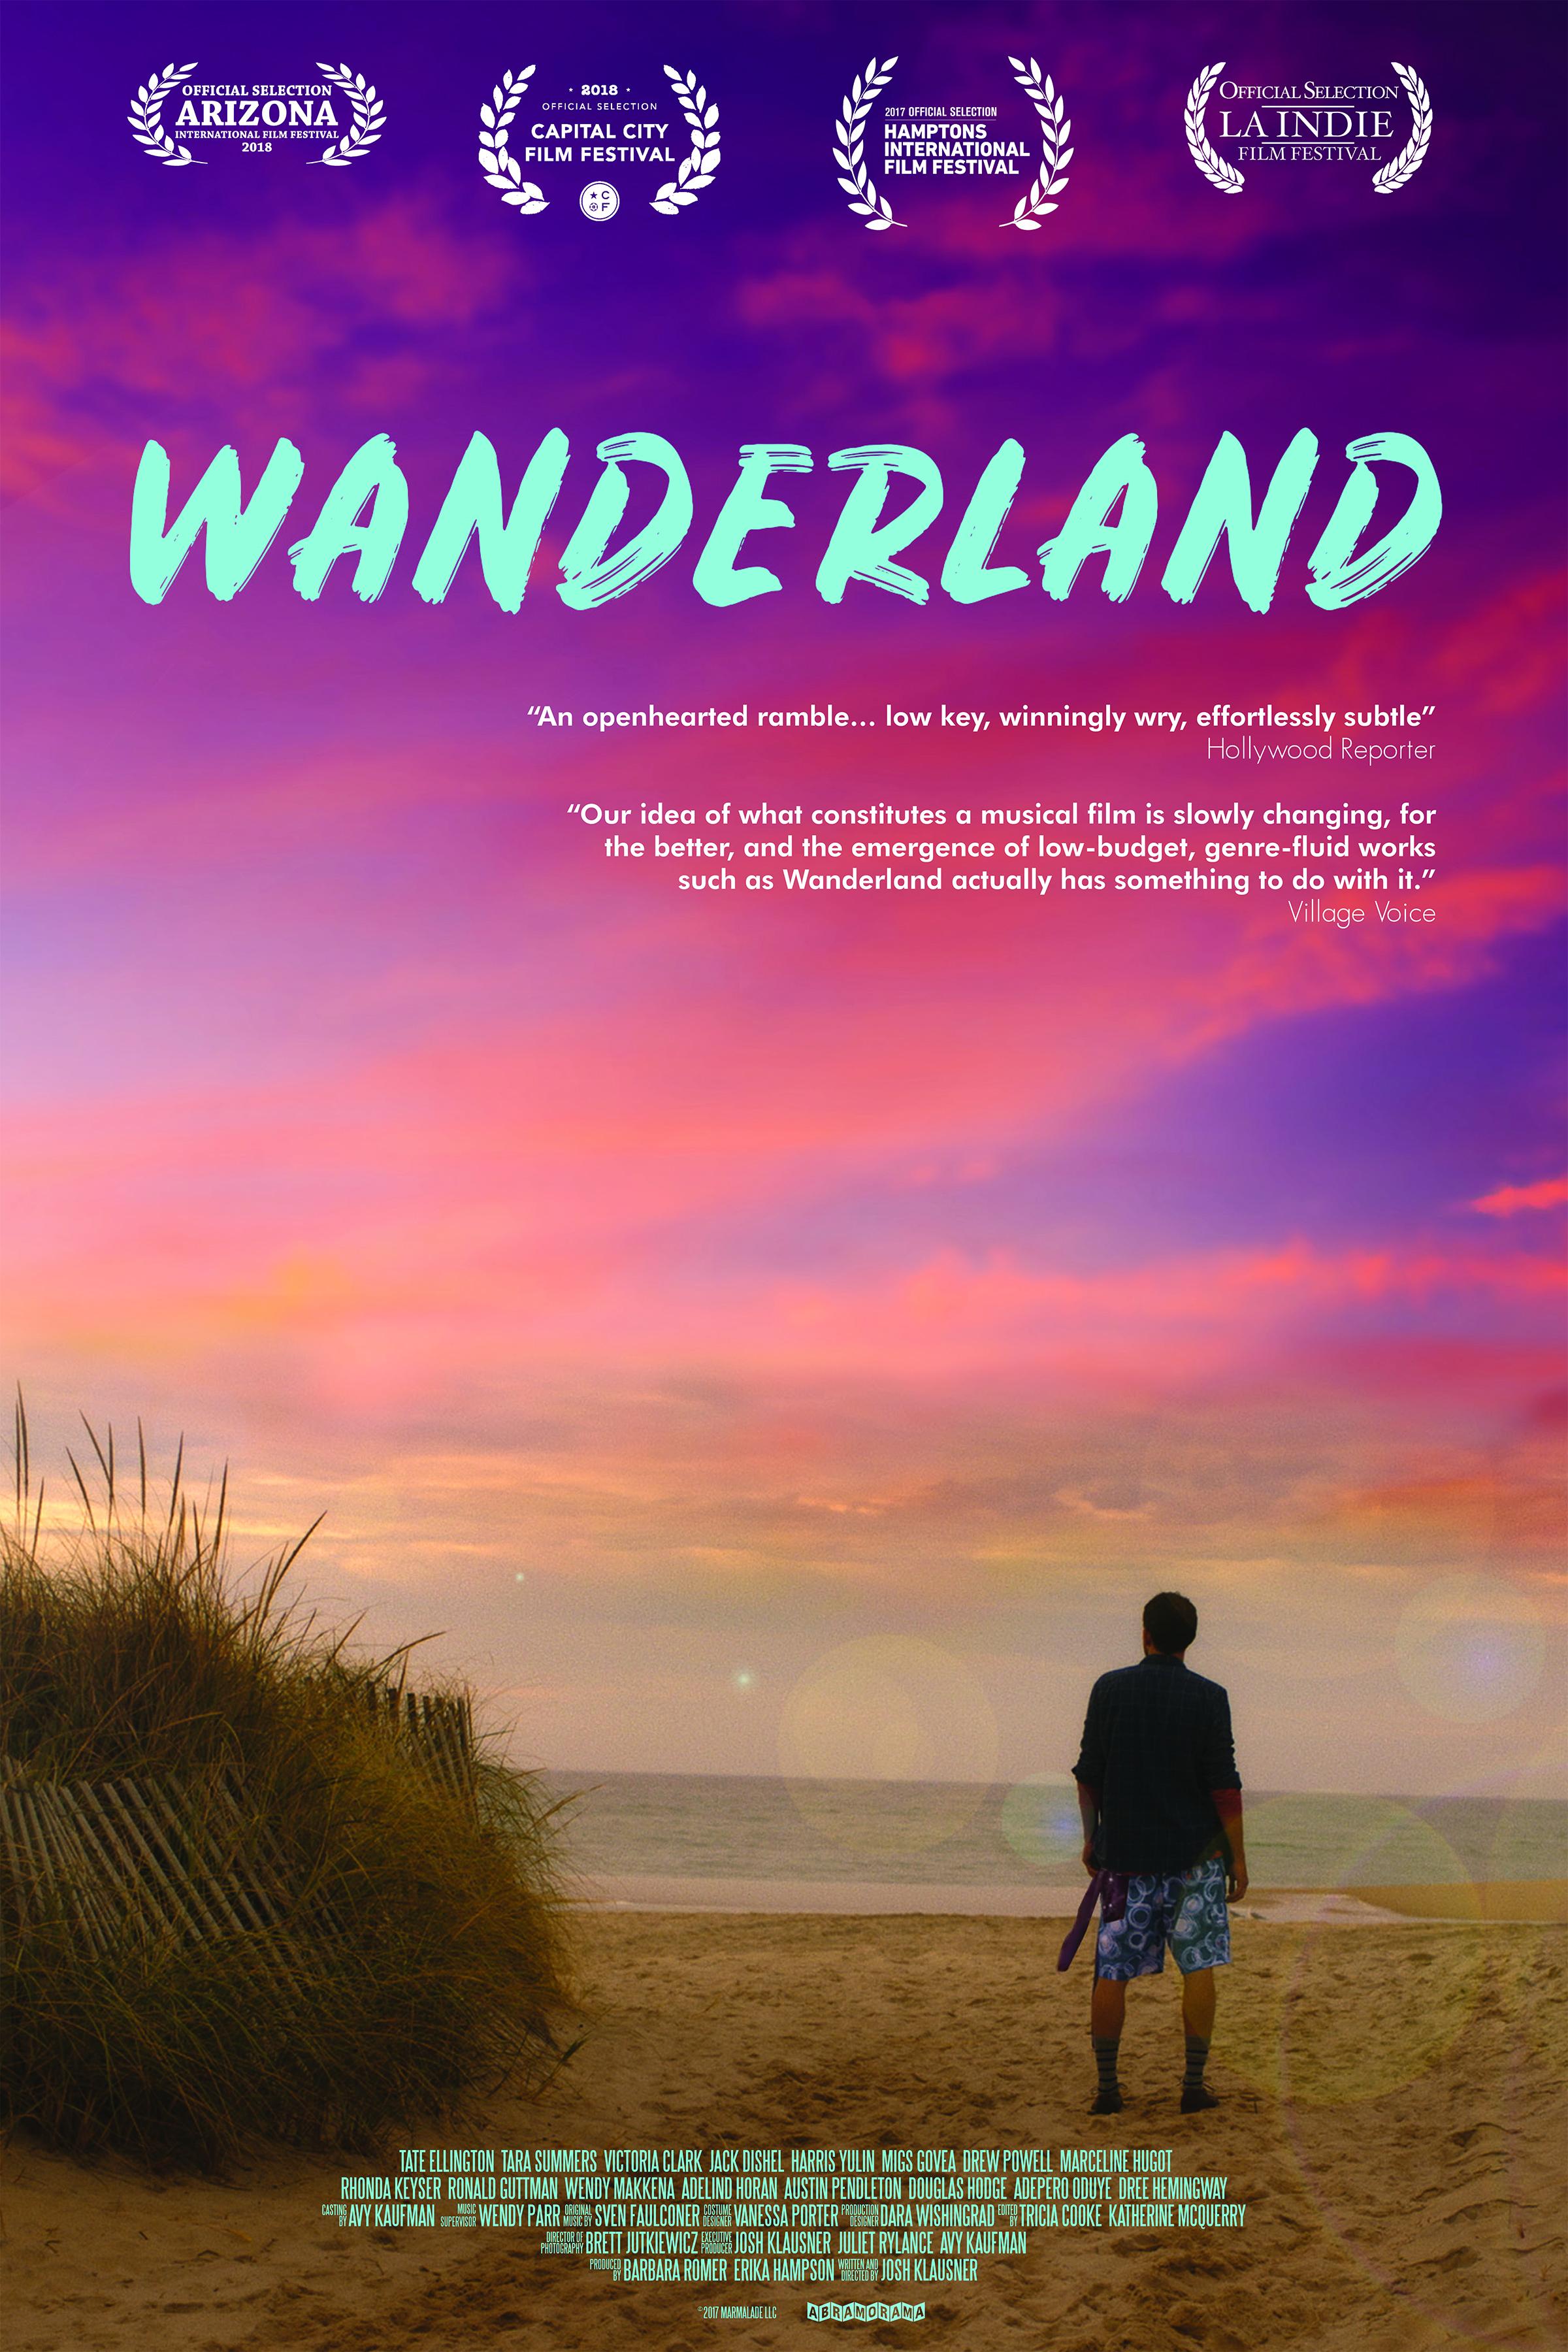 Wanderland_poster_v4.jpg